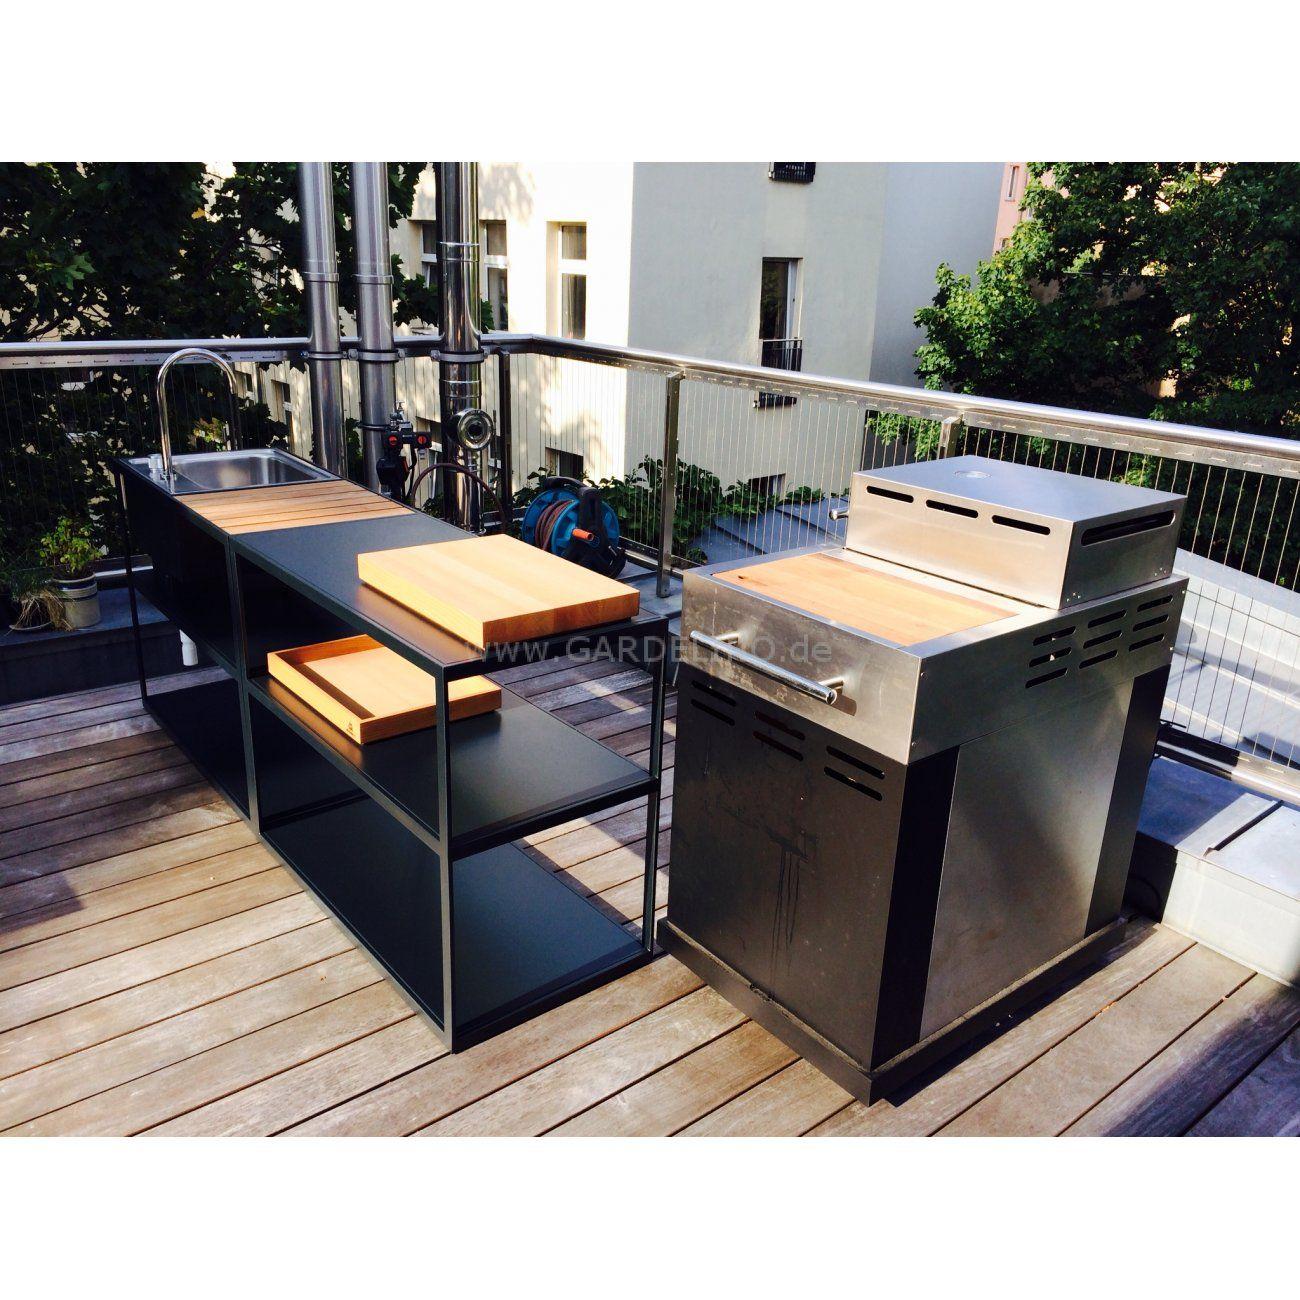 Modulare und mobile Röshults Gartenküche auf der Terrasse // modular ...